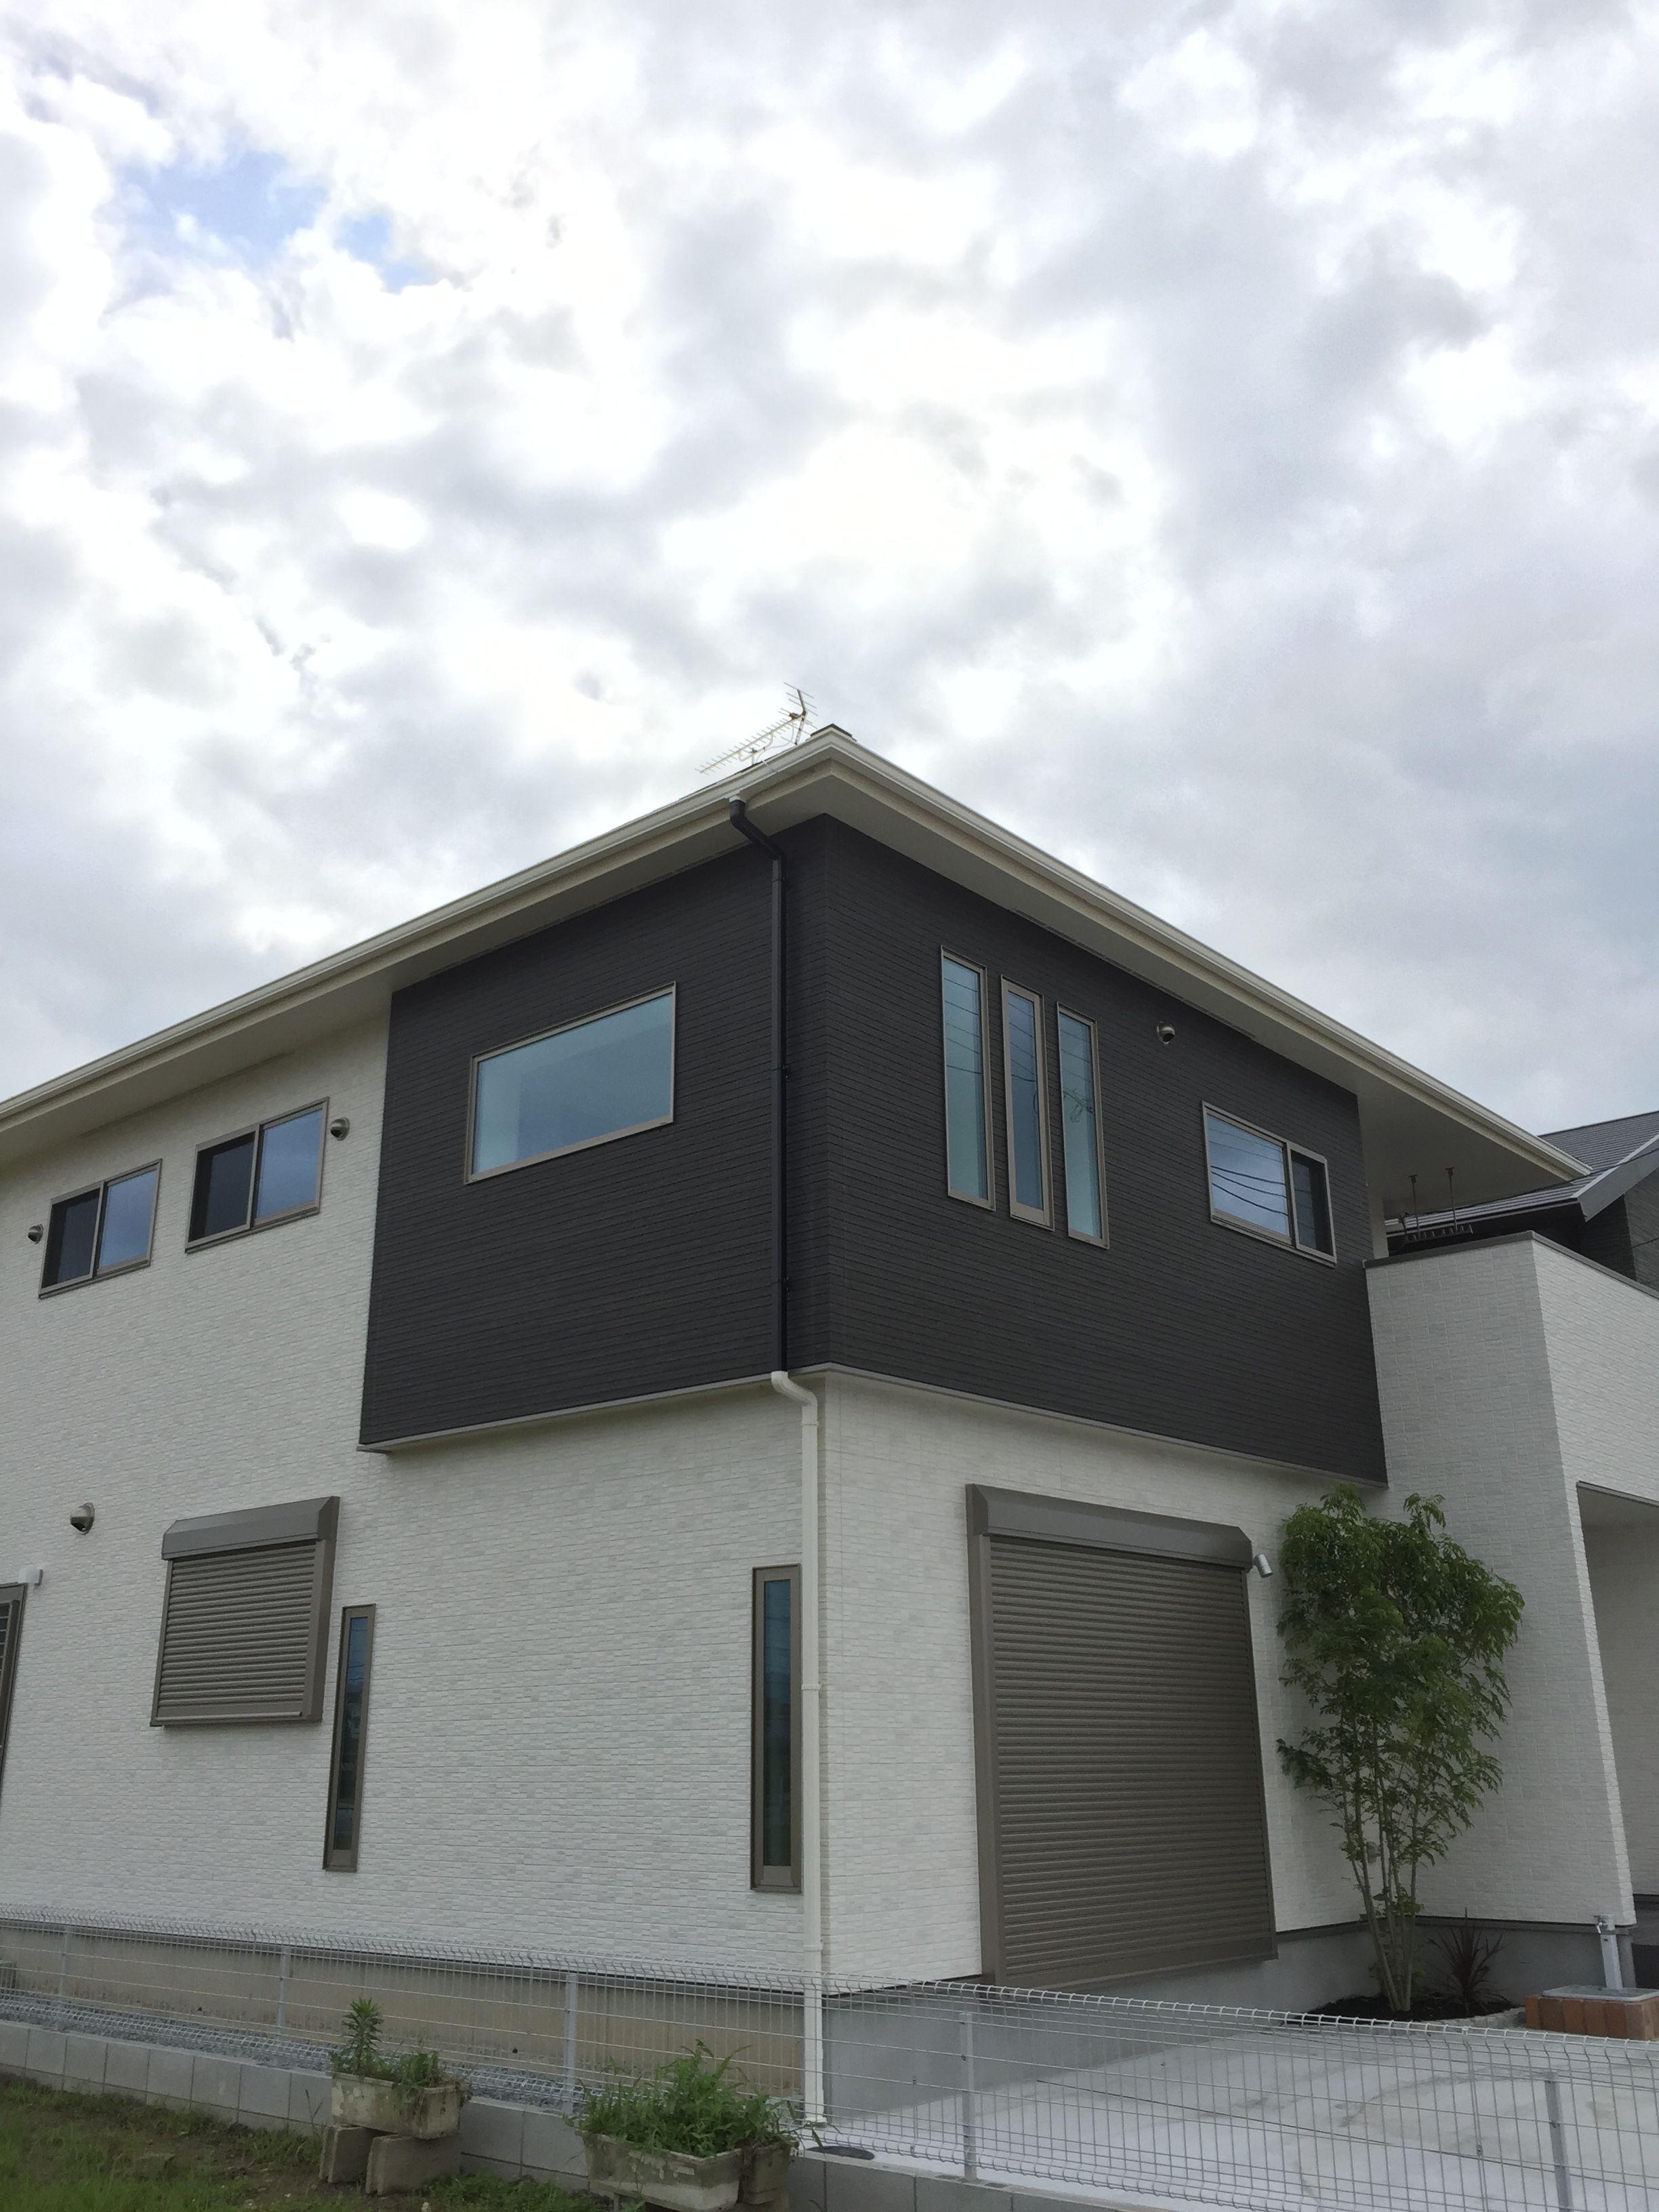 新築 亀岡市 T様邸 ハウスデザイン マイホーム かっこいい家